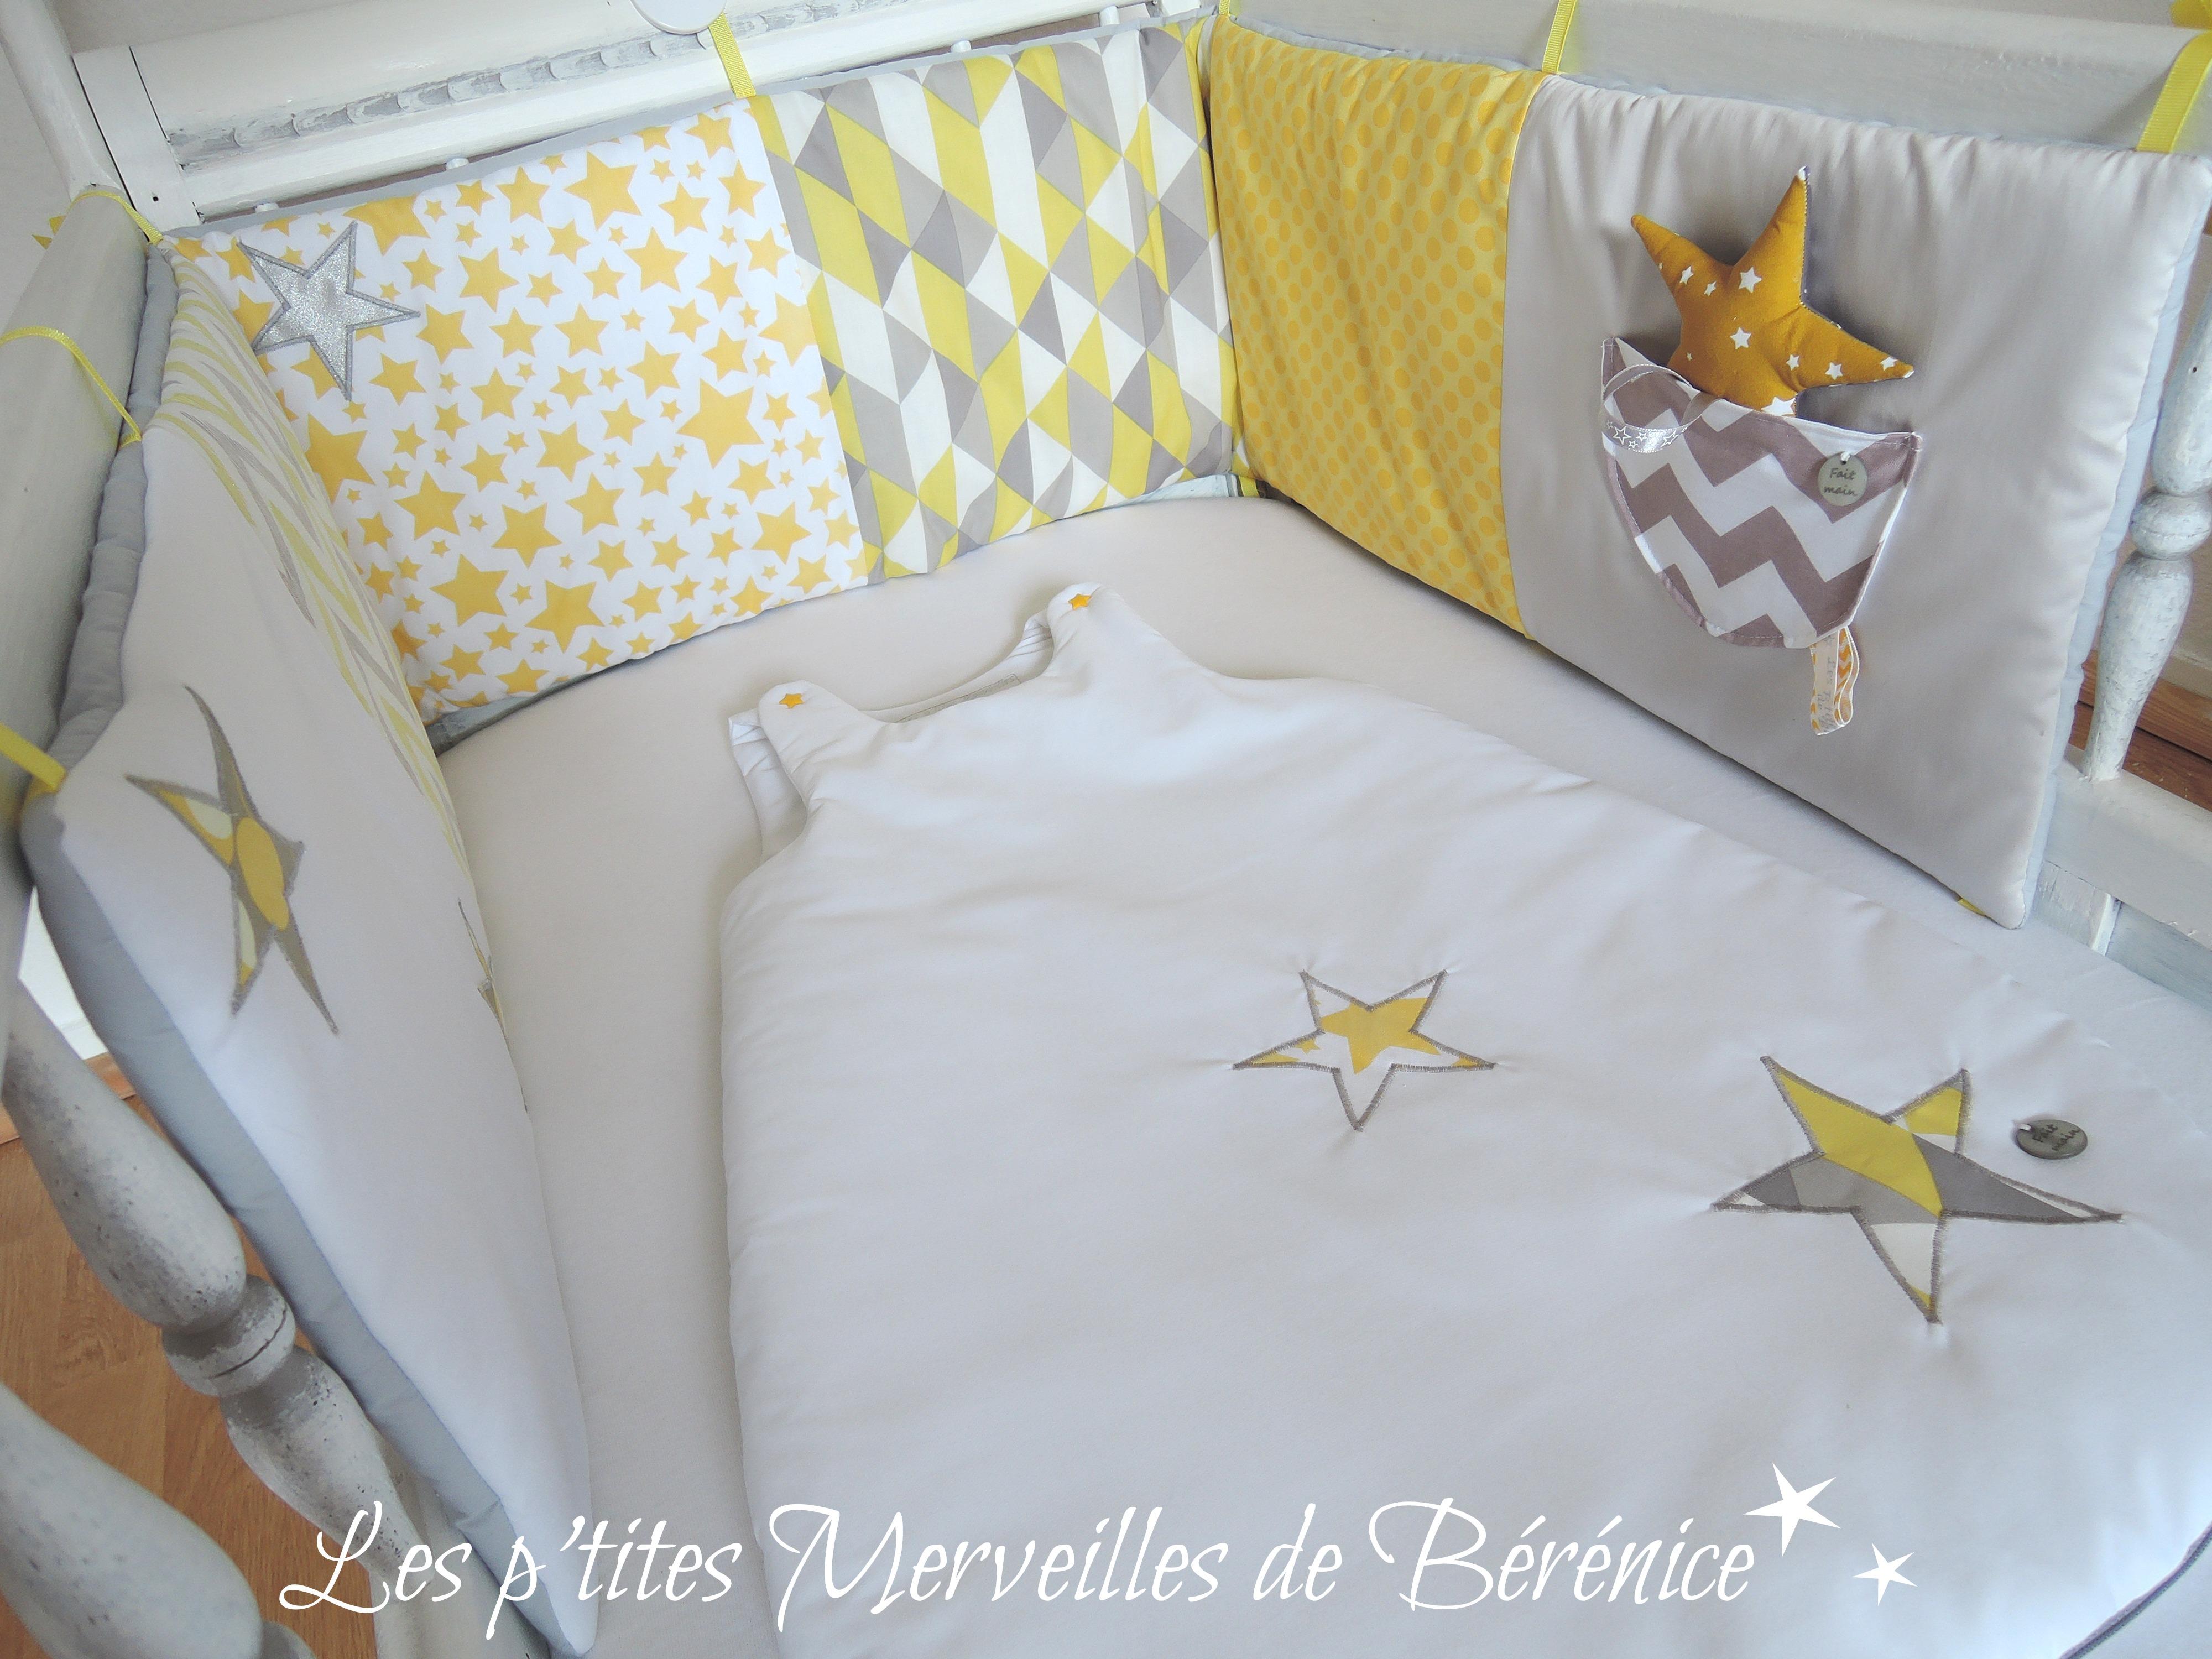 gigoteuse 0 6 mois motifs g om triques au choix les p 39 tites merveilles de b r nice. Black Bedroom Furniture Sets. Home Design Ideas